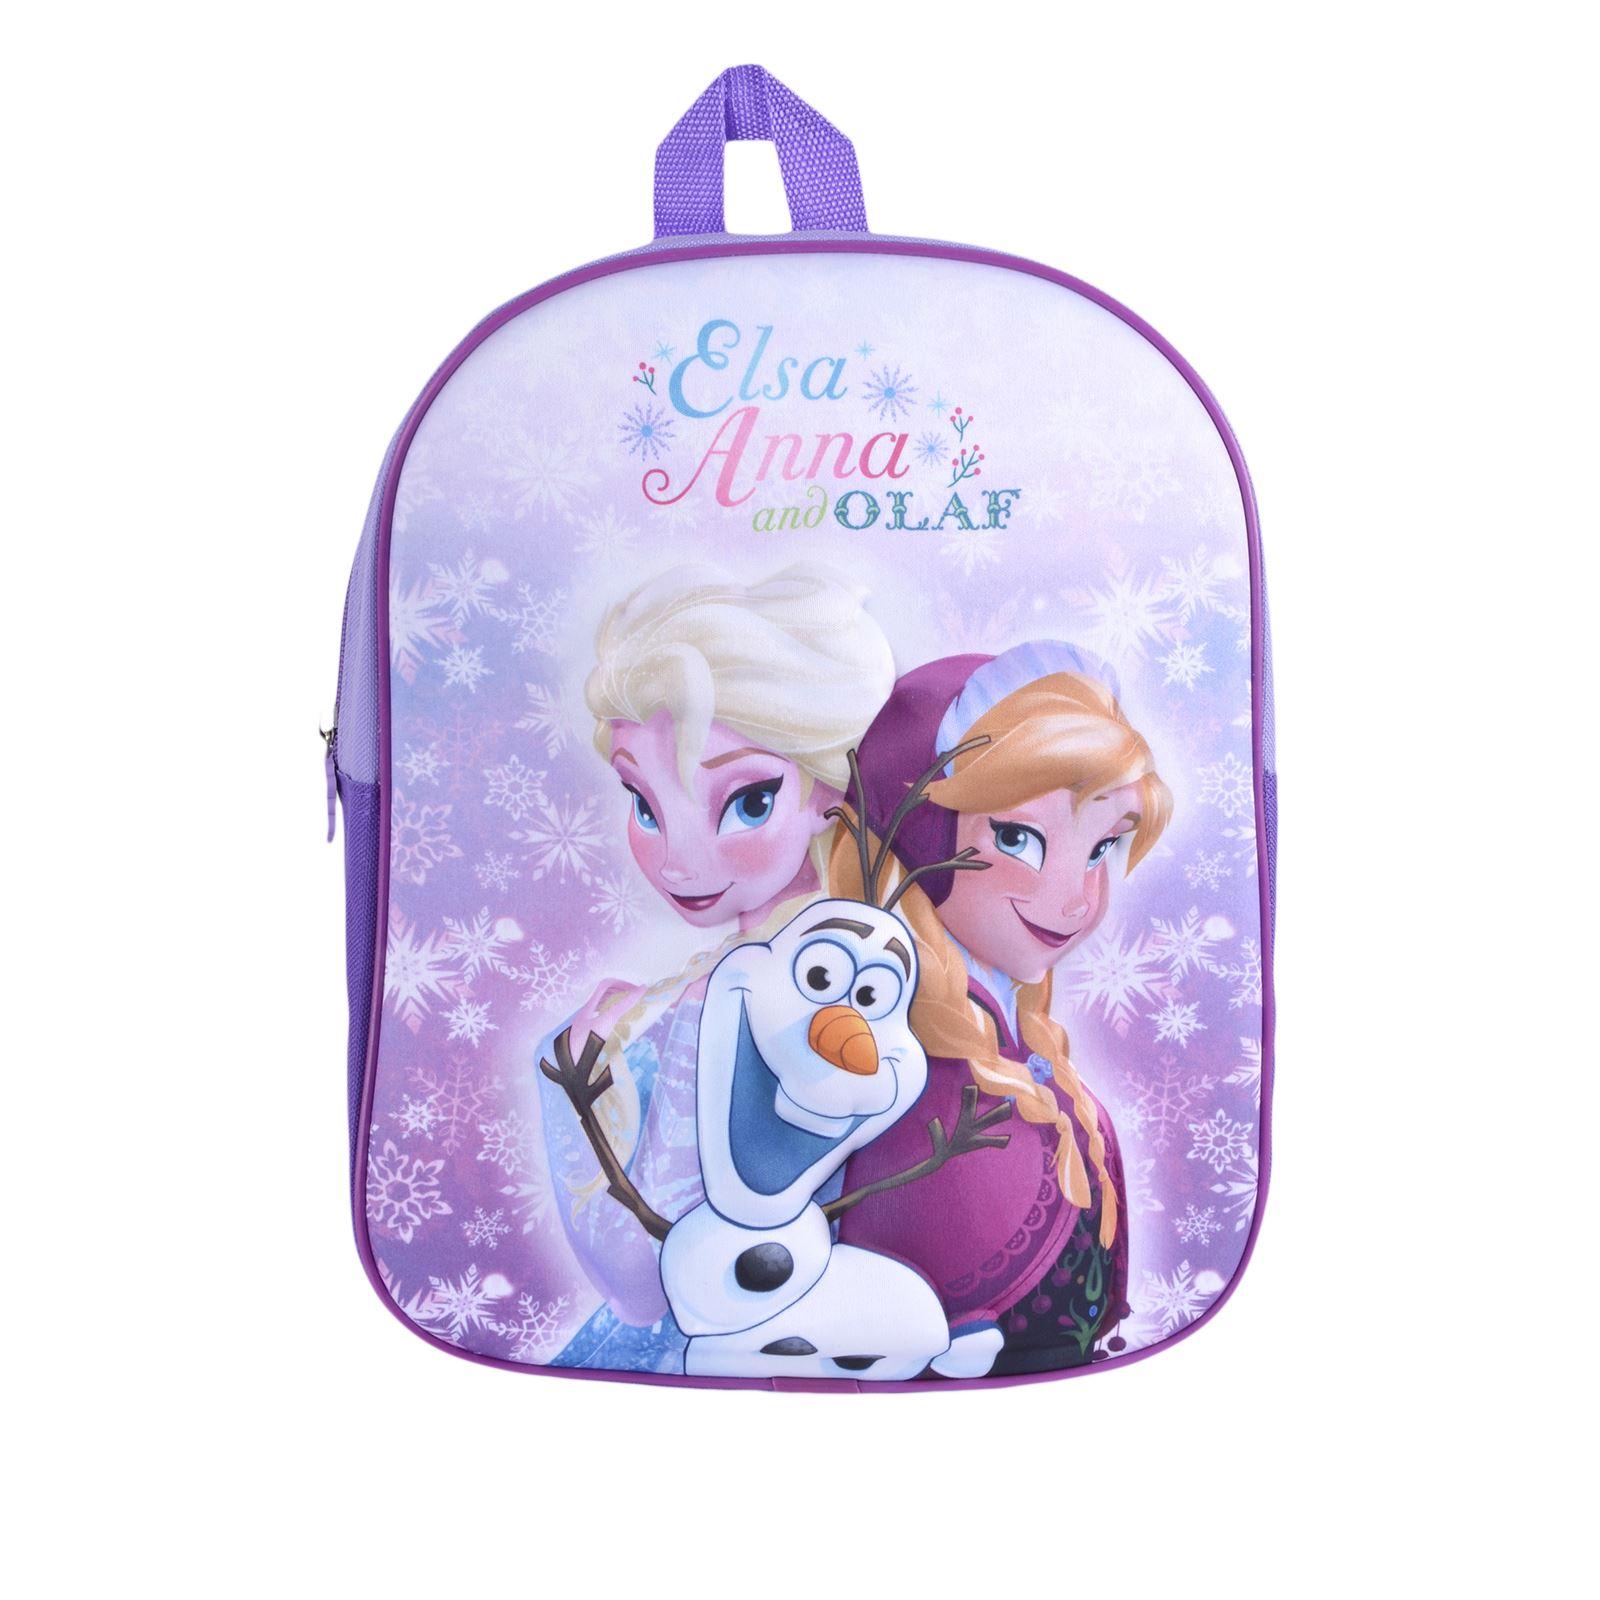 Details about Kids Disney Frozen Backpack Princess Elsa Anna Olaf 3D School  Bag Girls Junior 9ddcf0cd962cc